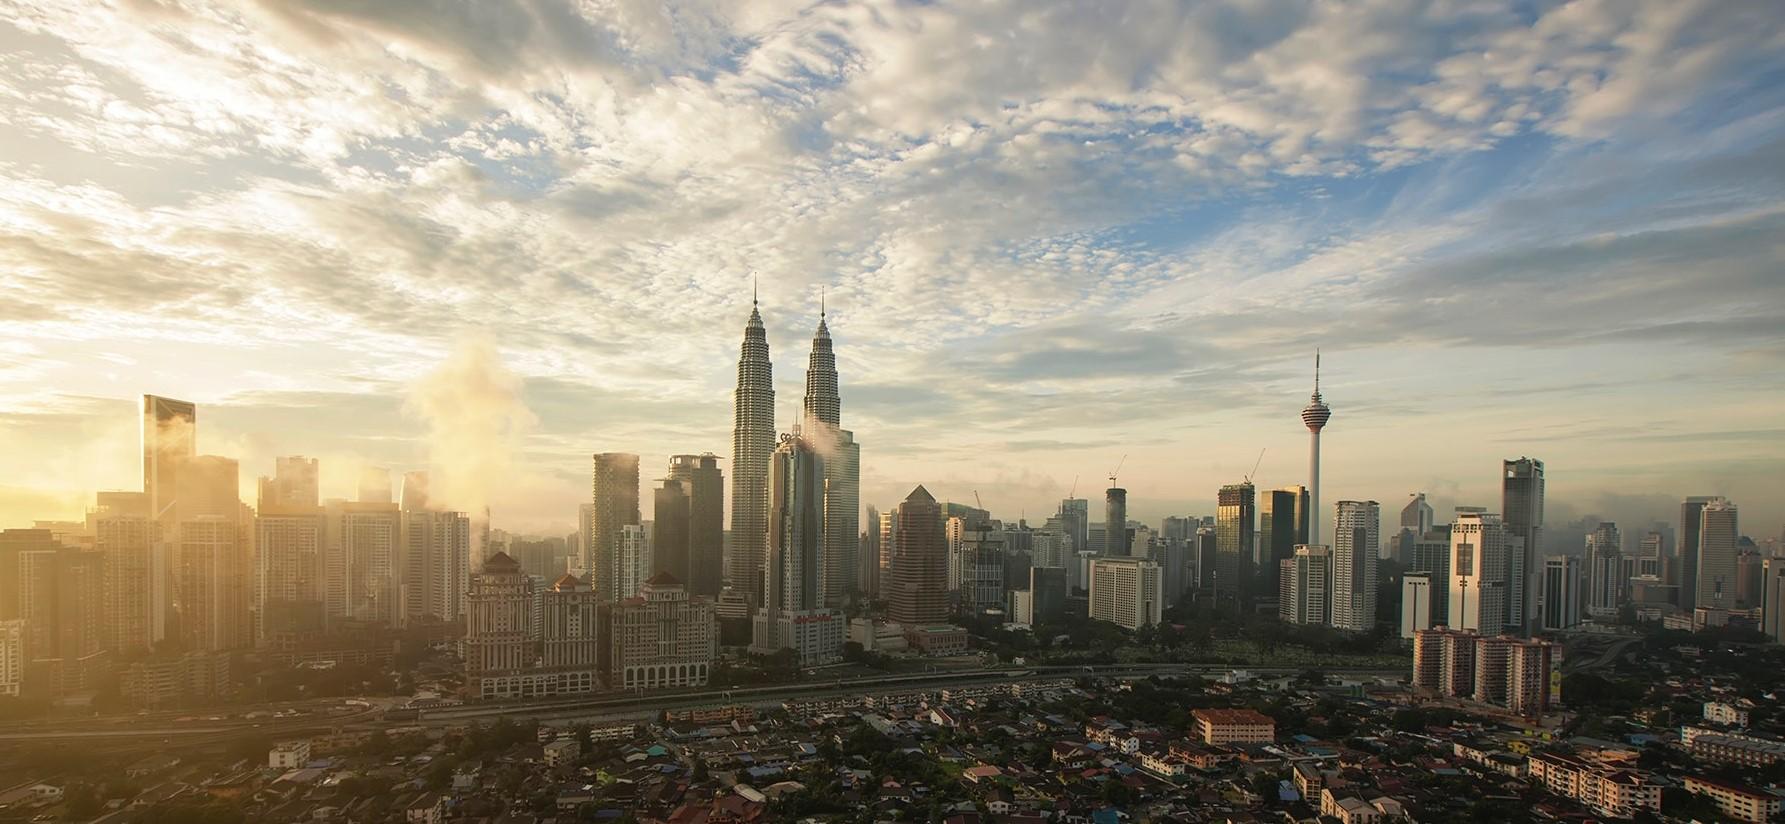 Malaysia City Scape